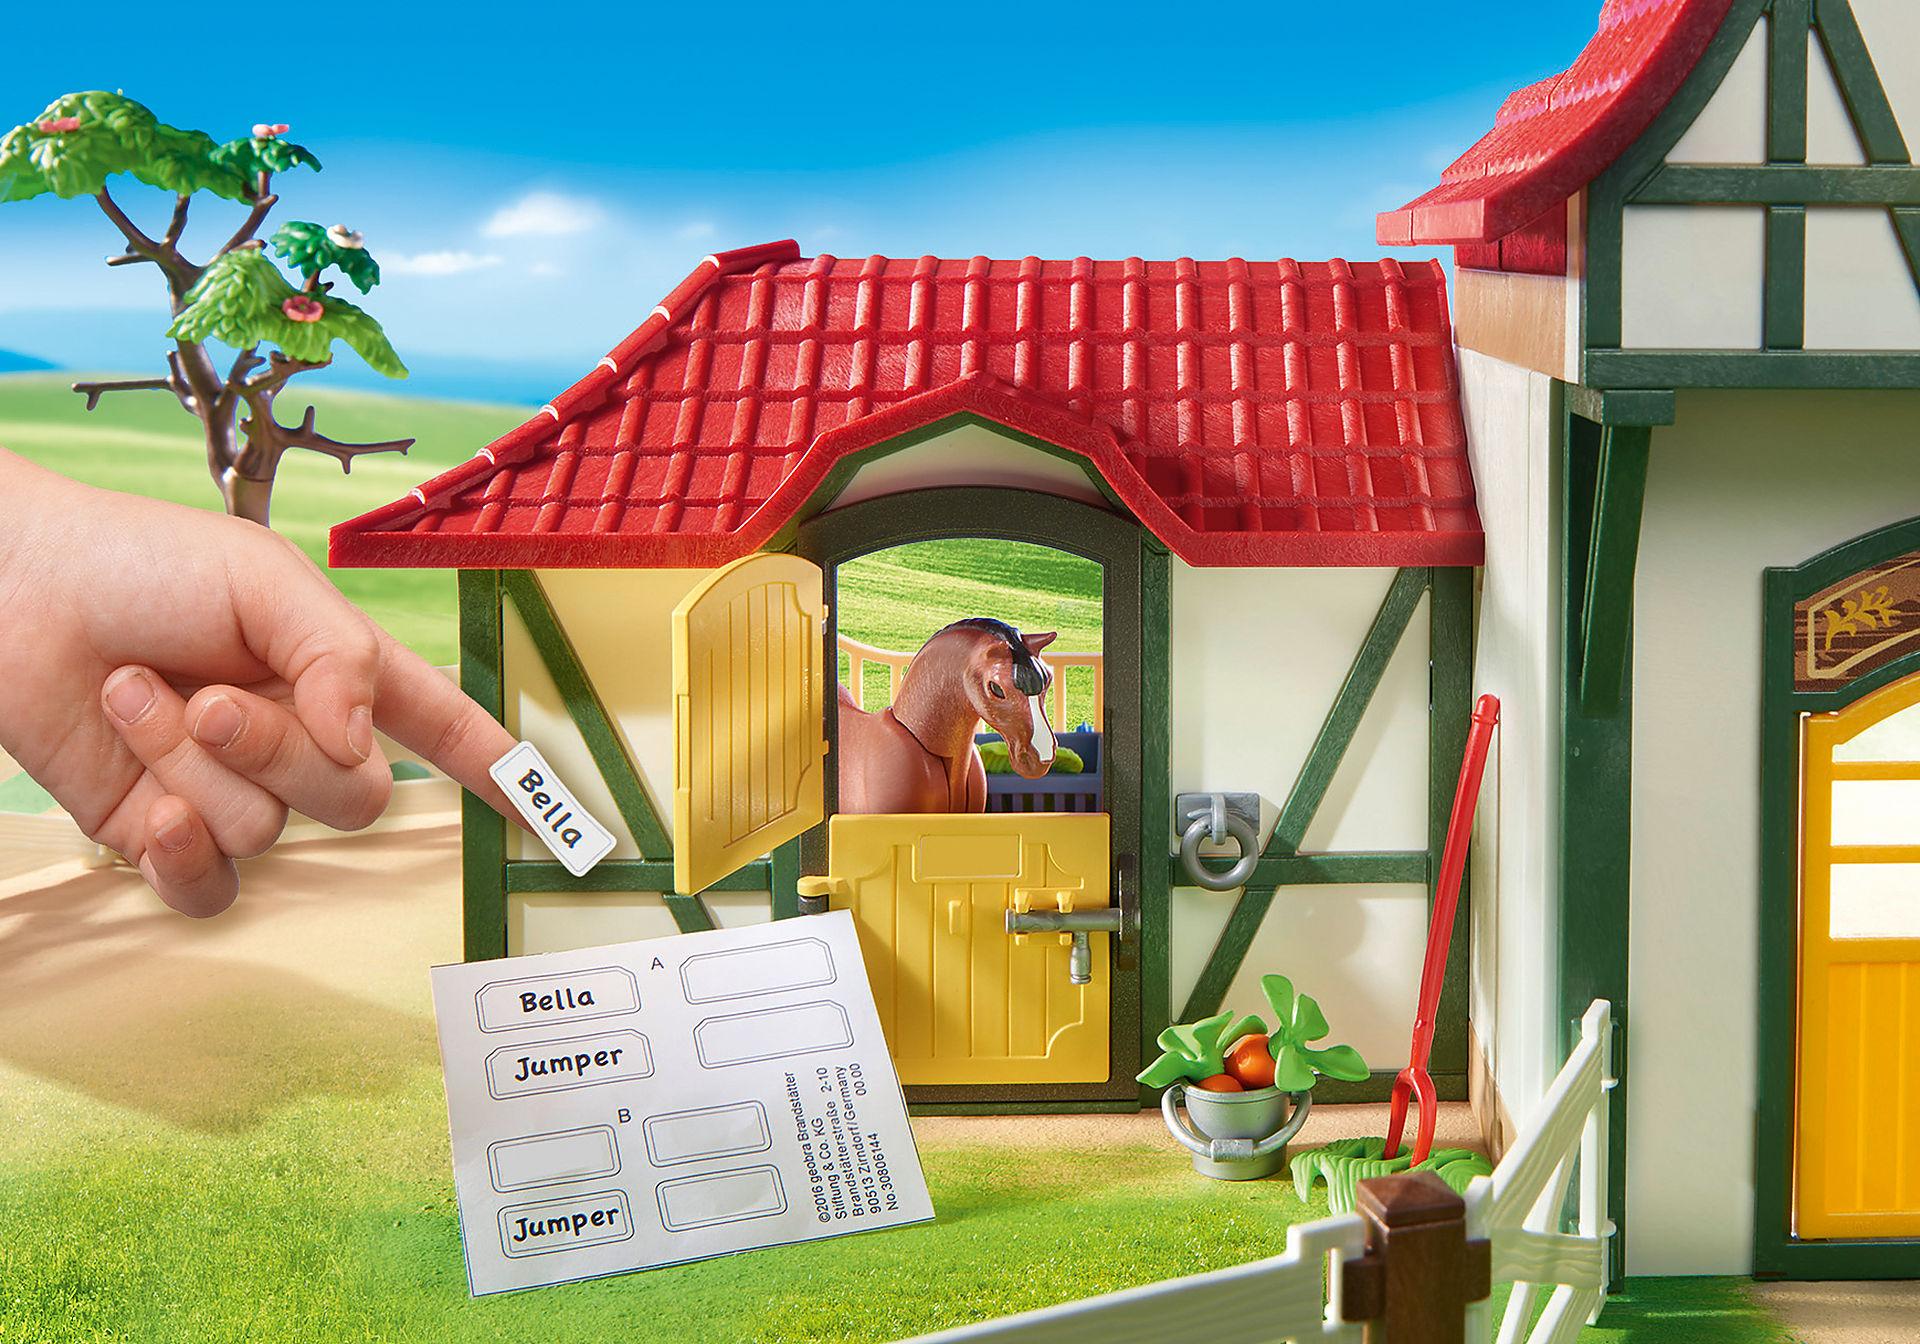 6926 Club d'équitation  zoom image6